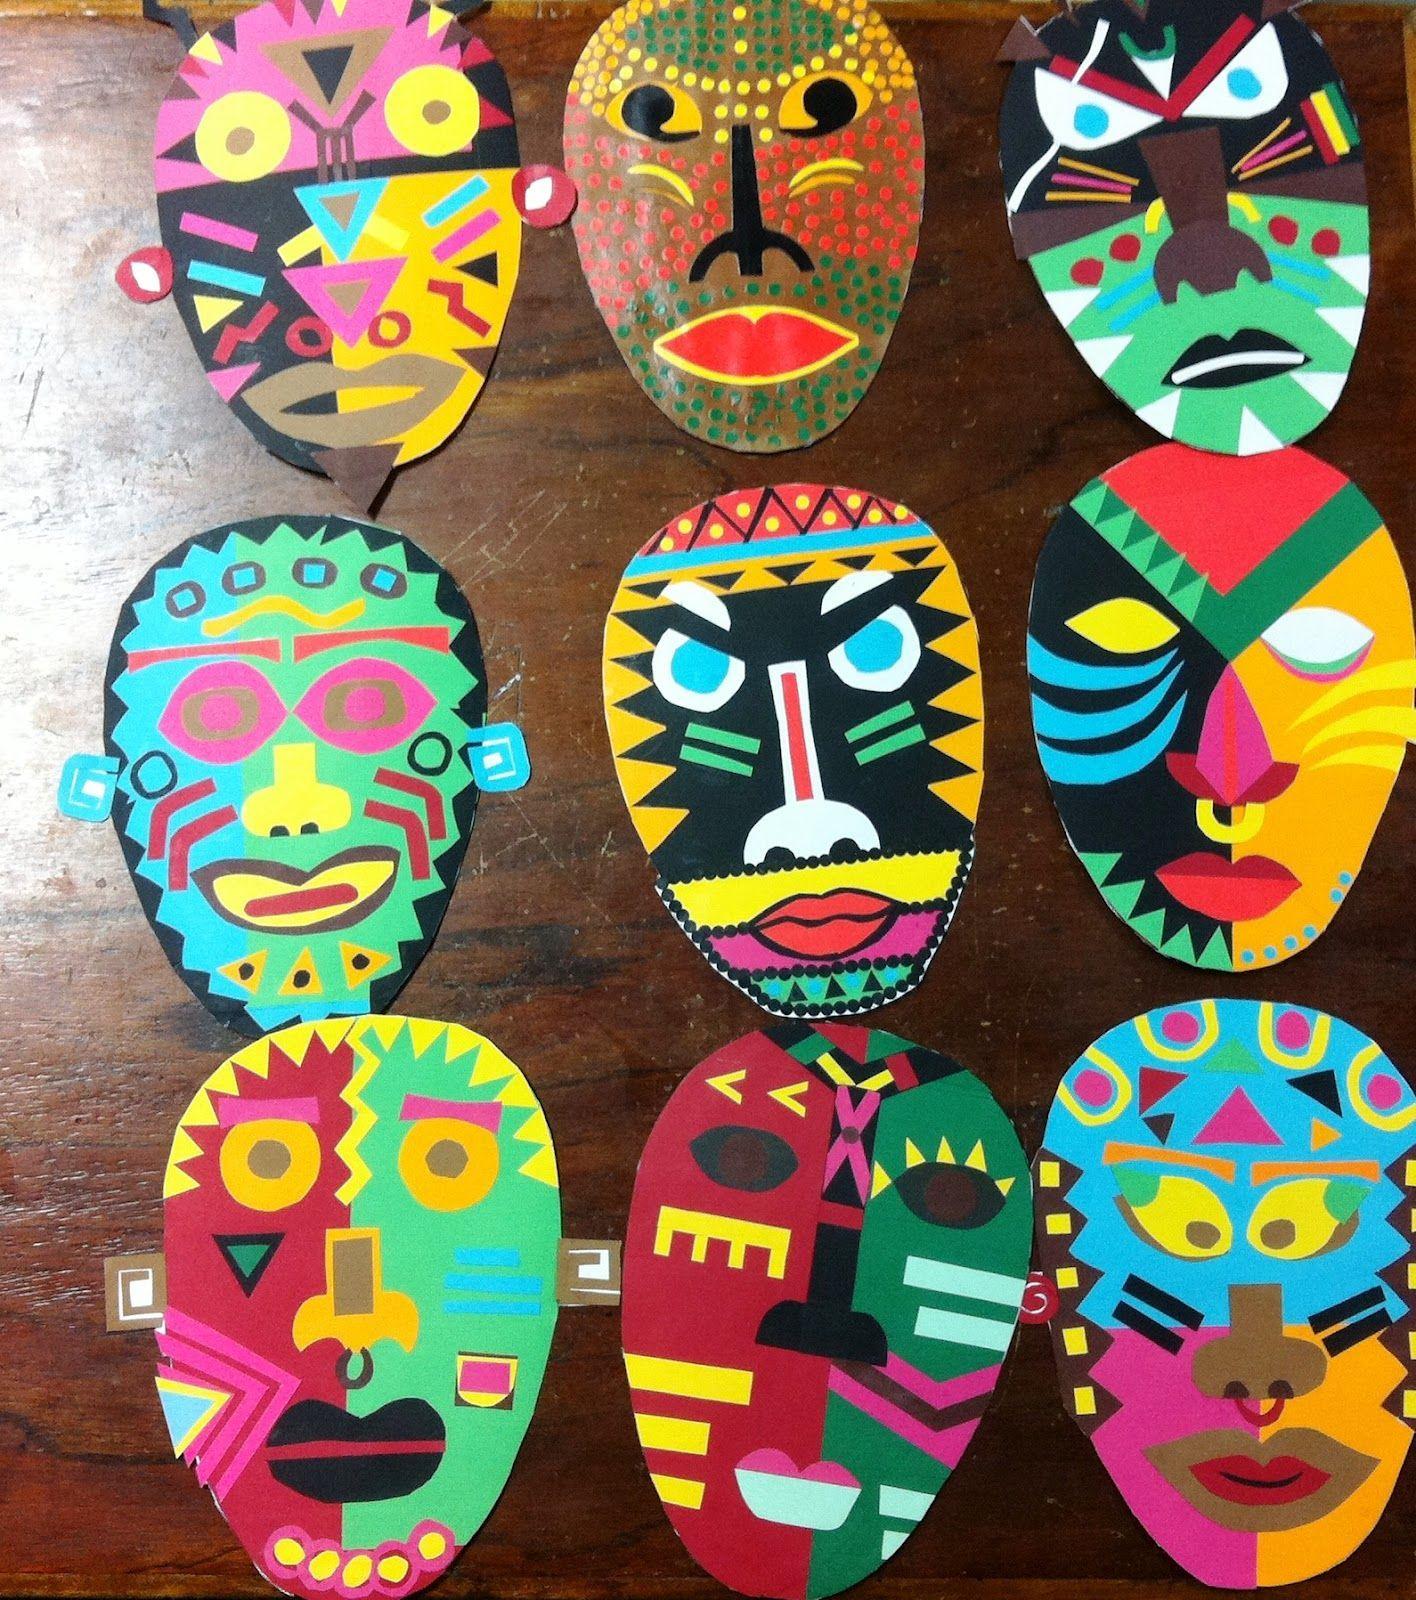 Resultado de imagen de mascaras africanas manualidades carnaval pinterest mascaras - Mascaras para carnaval manualidades ...